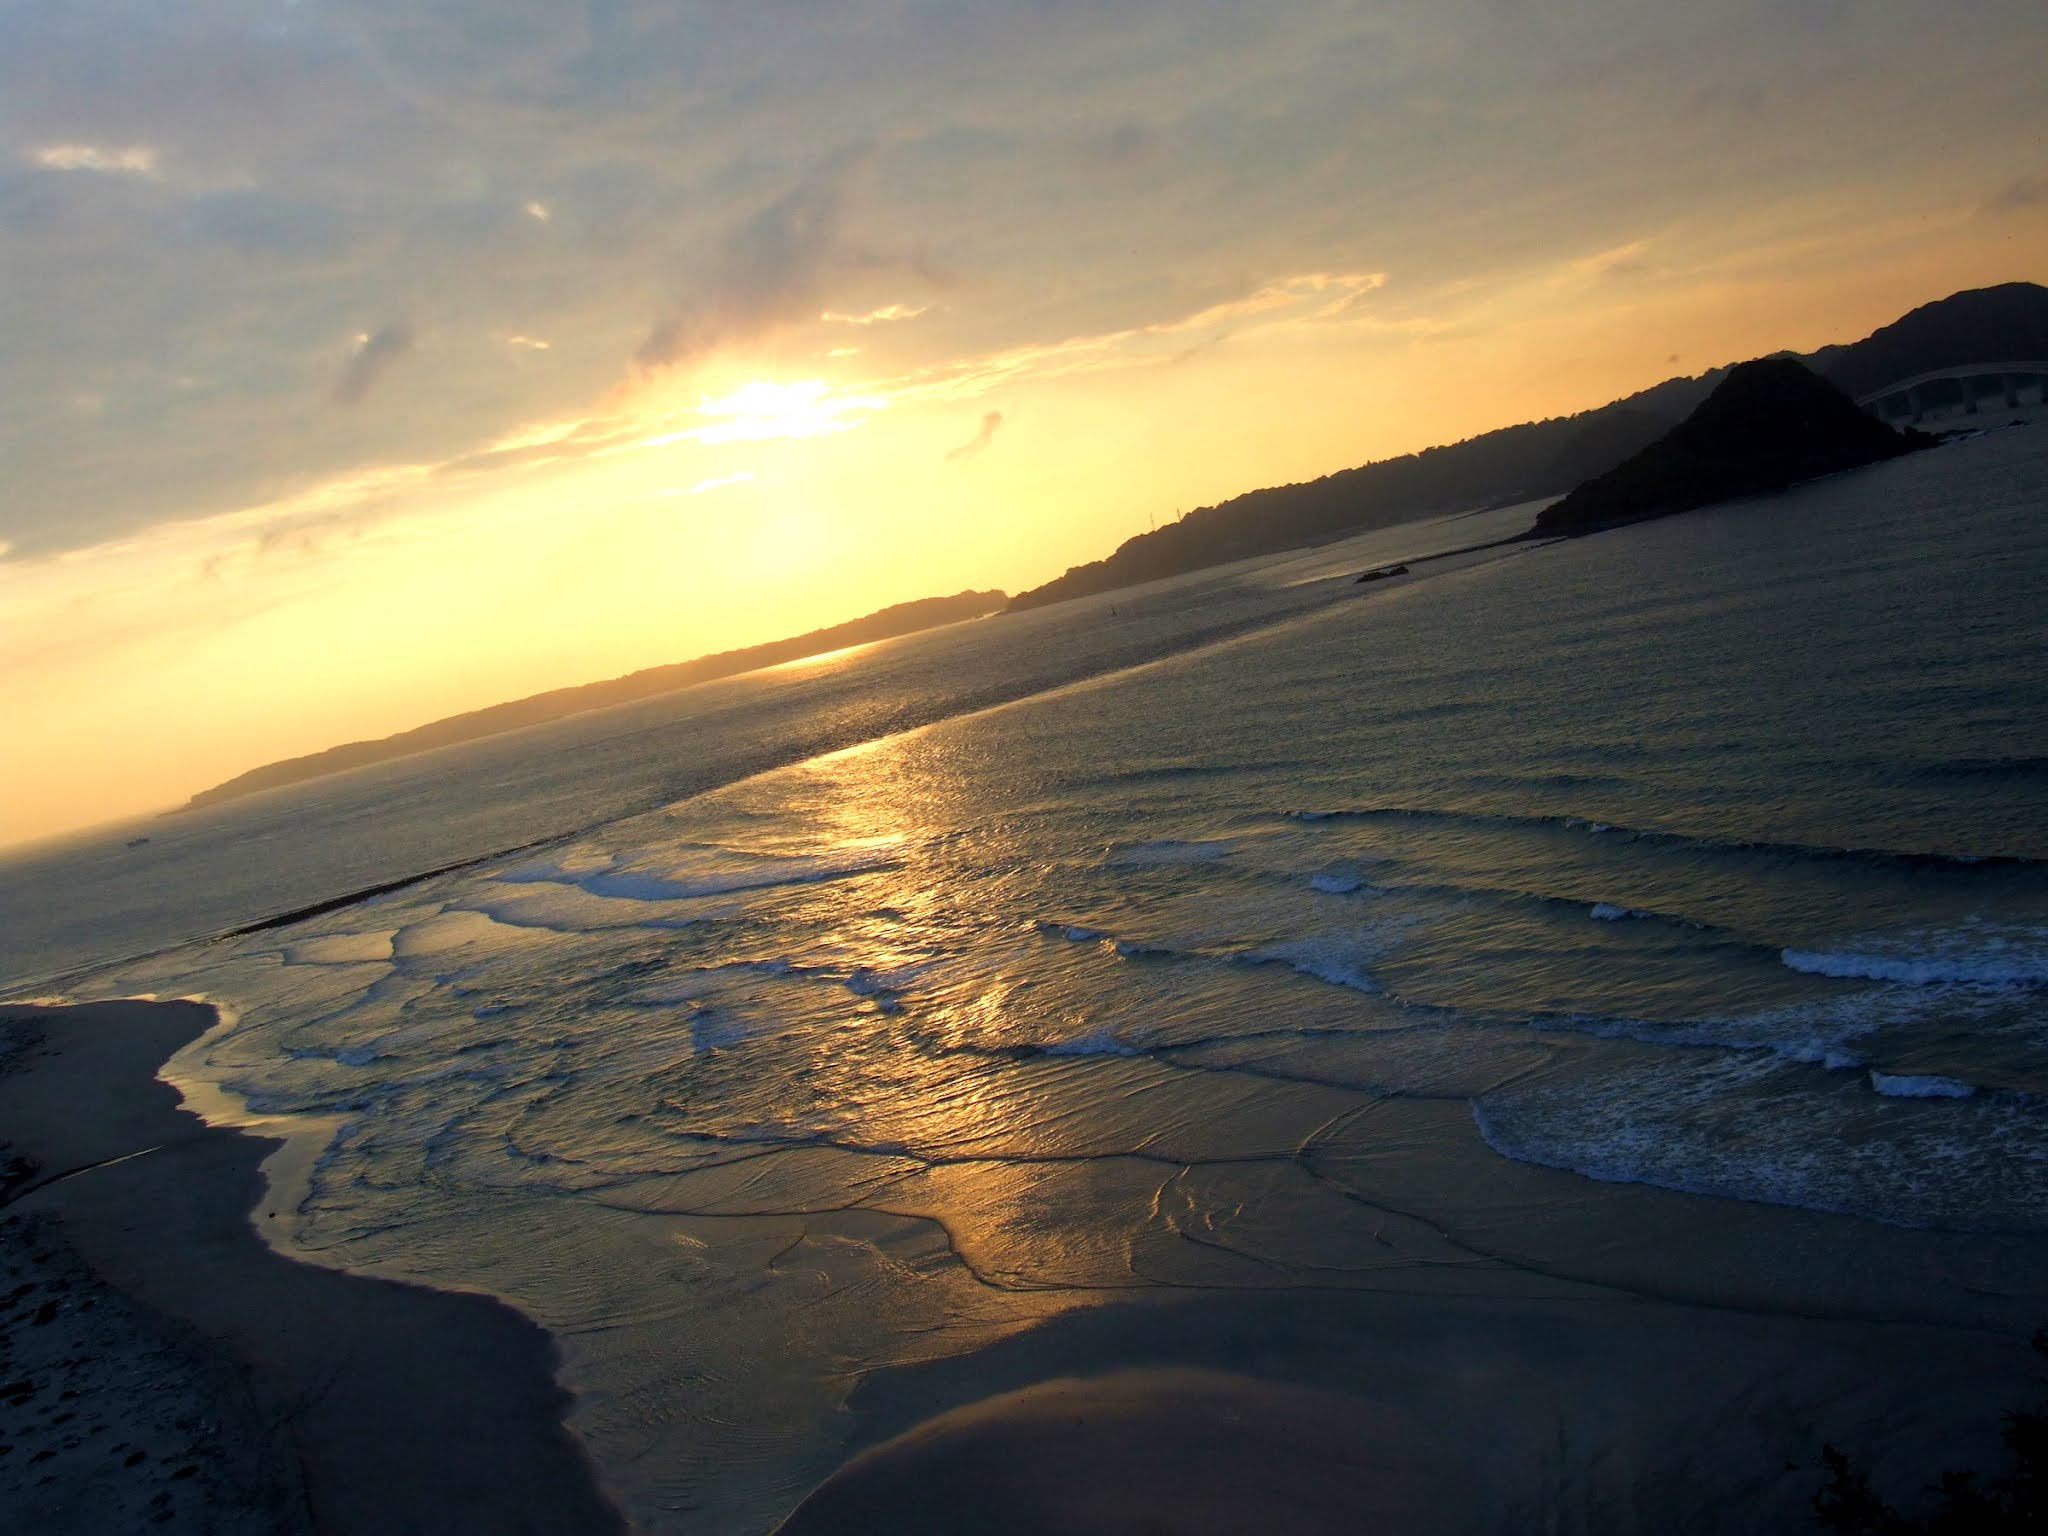 砂浜,海,夏,Sandy beach, sea, summer,